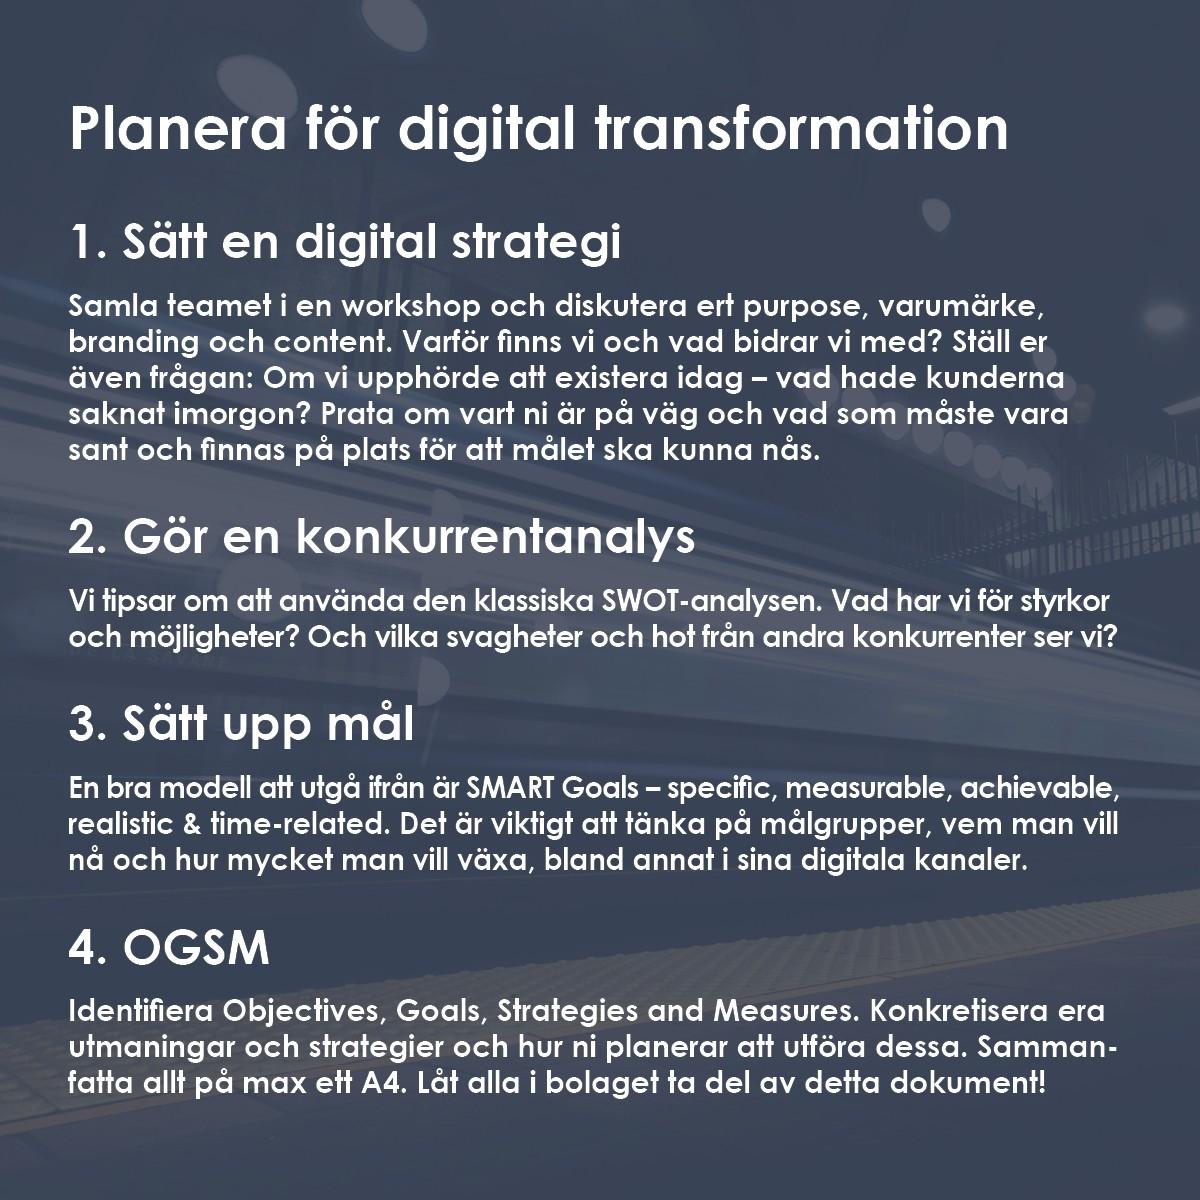 planera för digital transformation